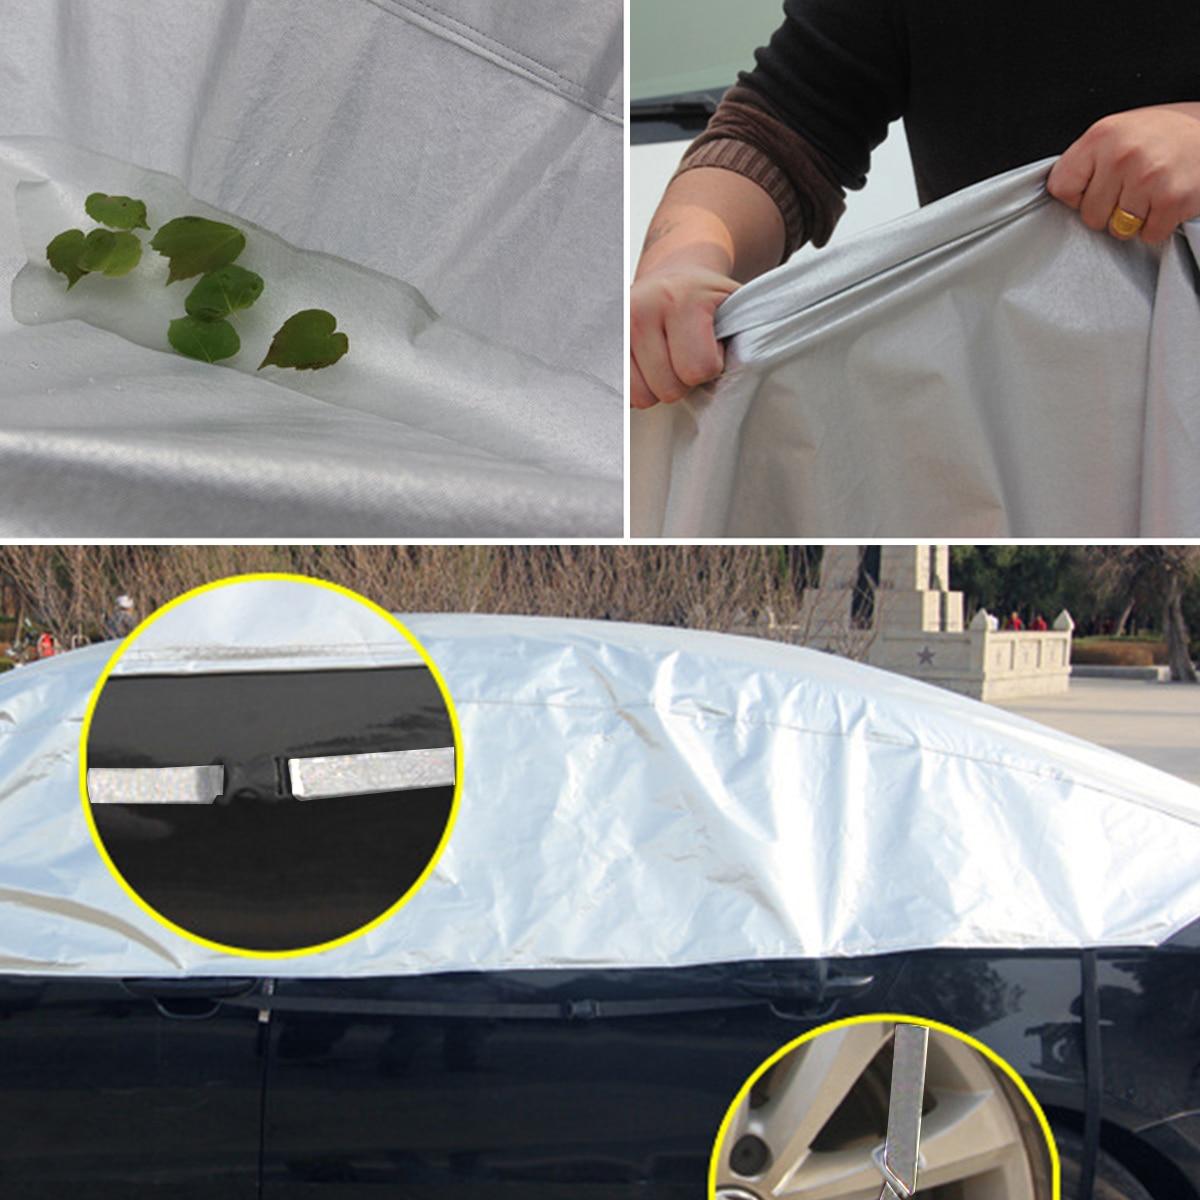 cheapest SUNICE 21X30CM Car Photochromic Film Color Changed Car Window Tint VLT 75percent 20percent Nano Tint Summer Solar UV Protector A4 sample